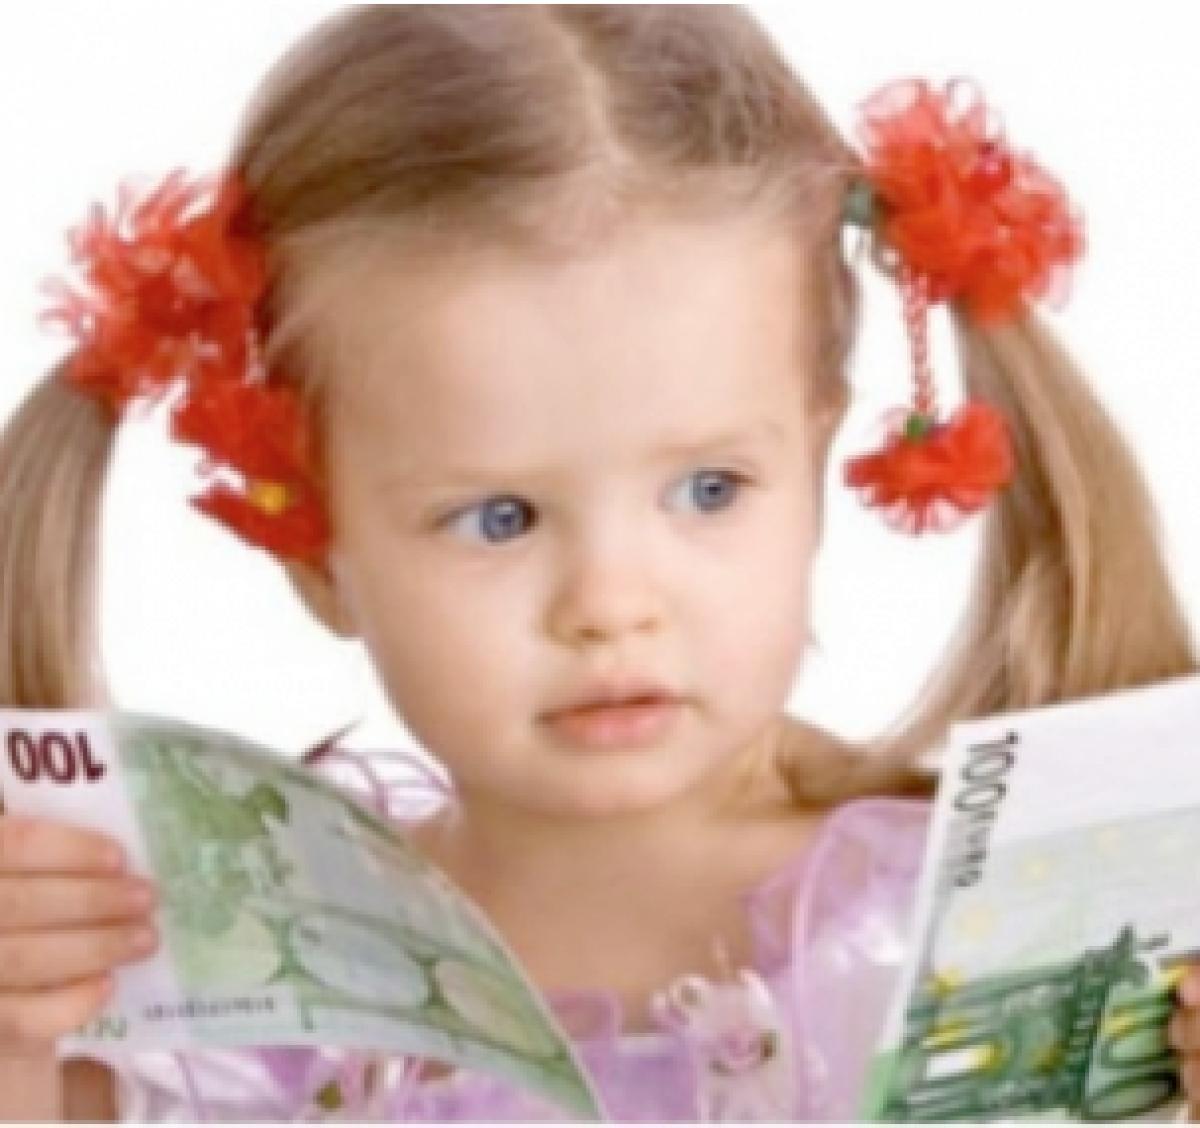 Οικονομικά προβλήματα. Τι να πω στο παιδί μου;